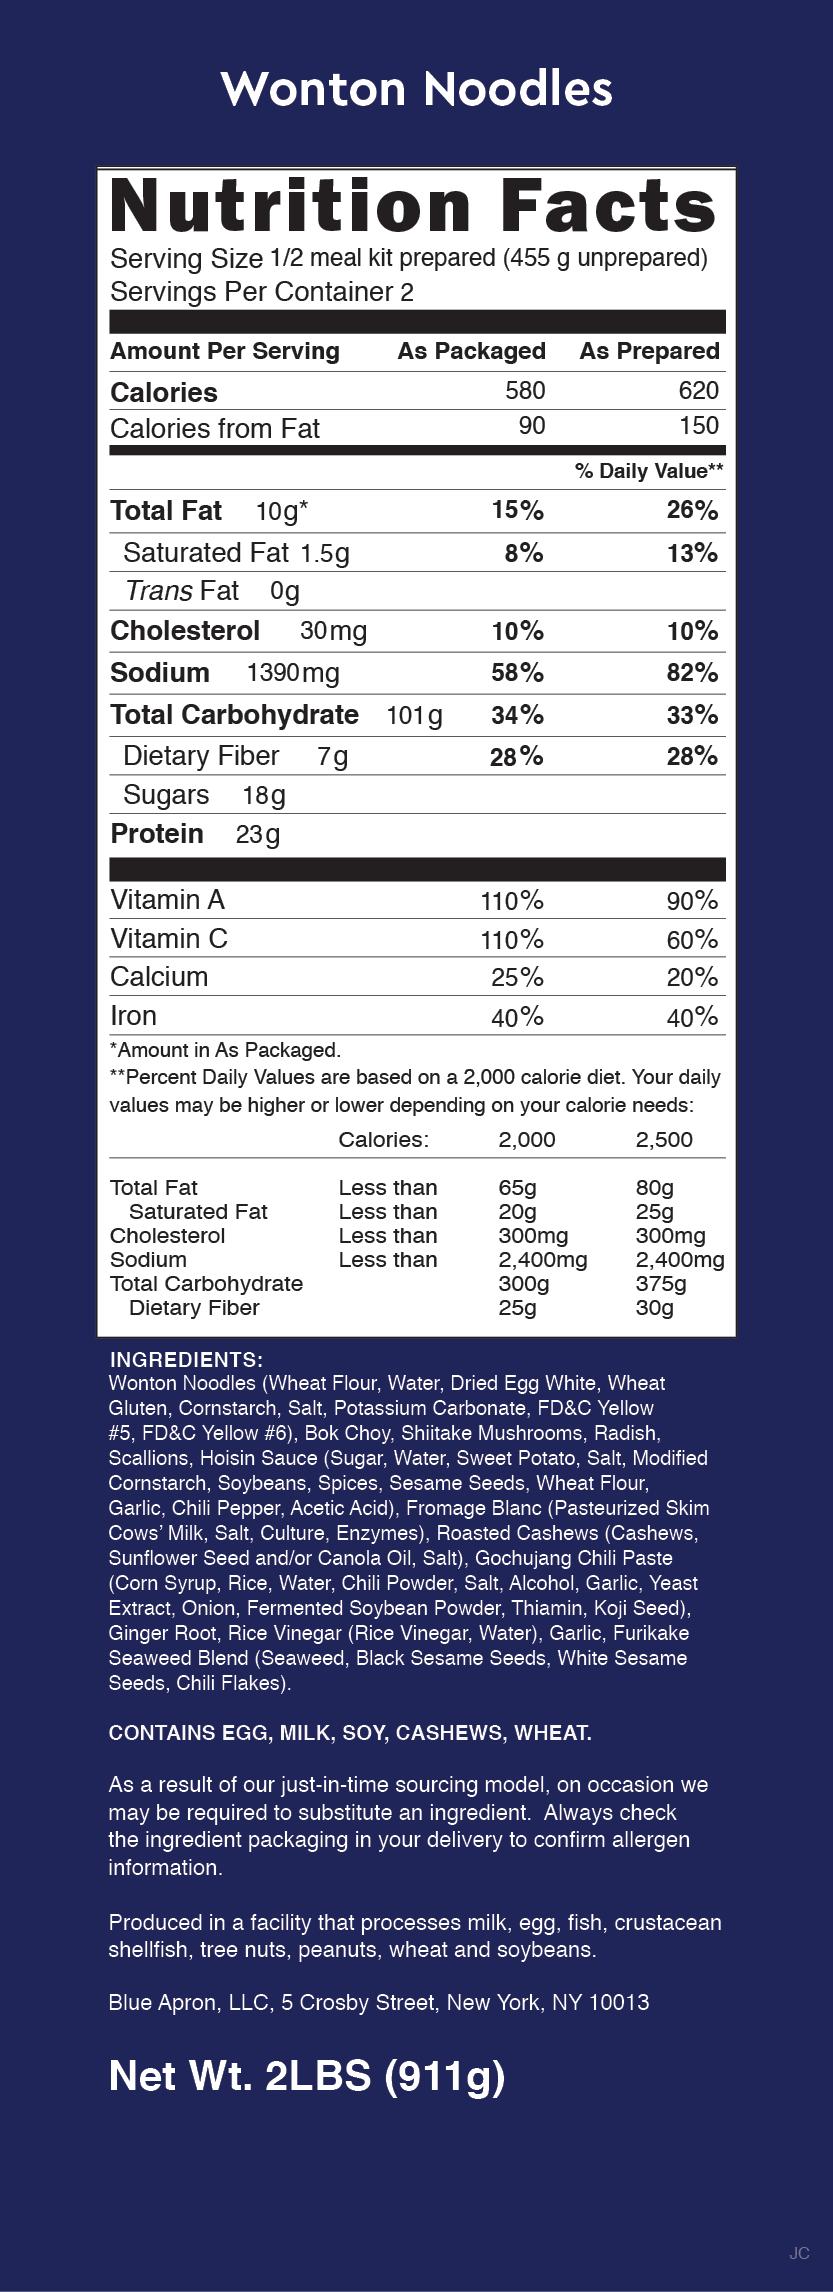 Blue apron hong kong - Blue Apron Wonton Noodles Nutrition Label